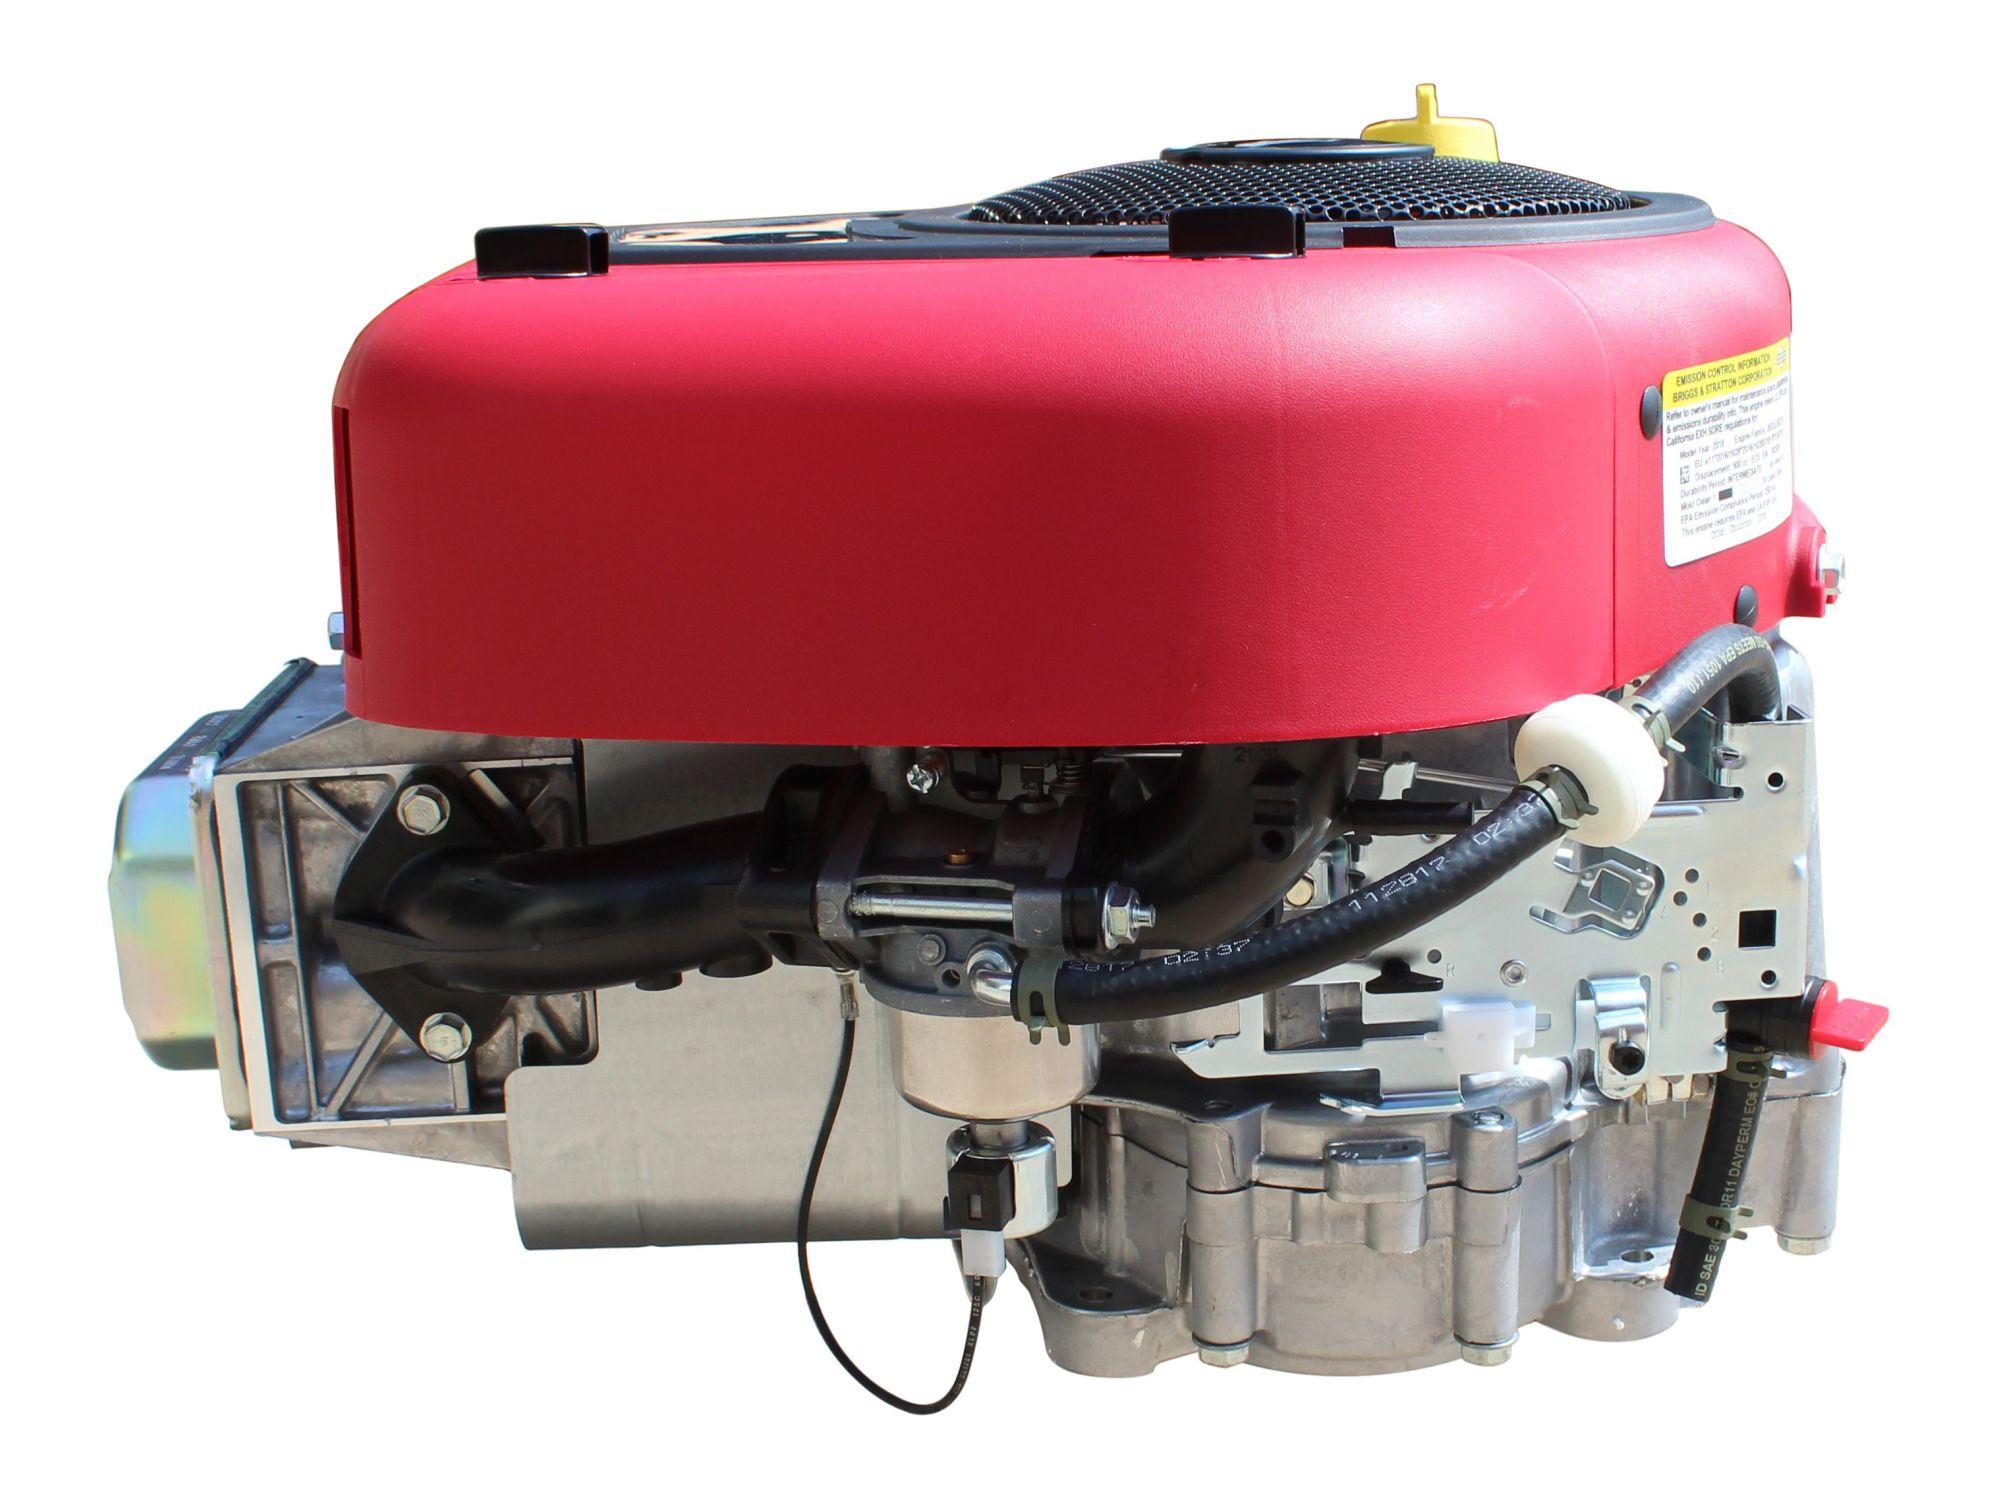 Ölfilter Snapper Rasentraktor mit Kohler Motor 18 PS